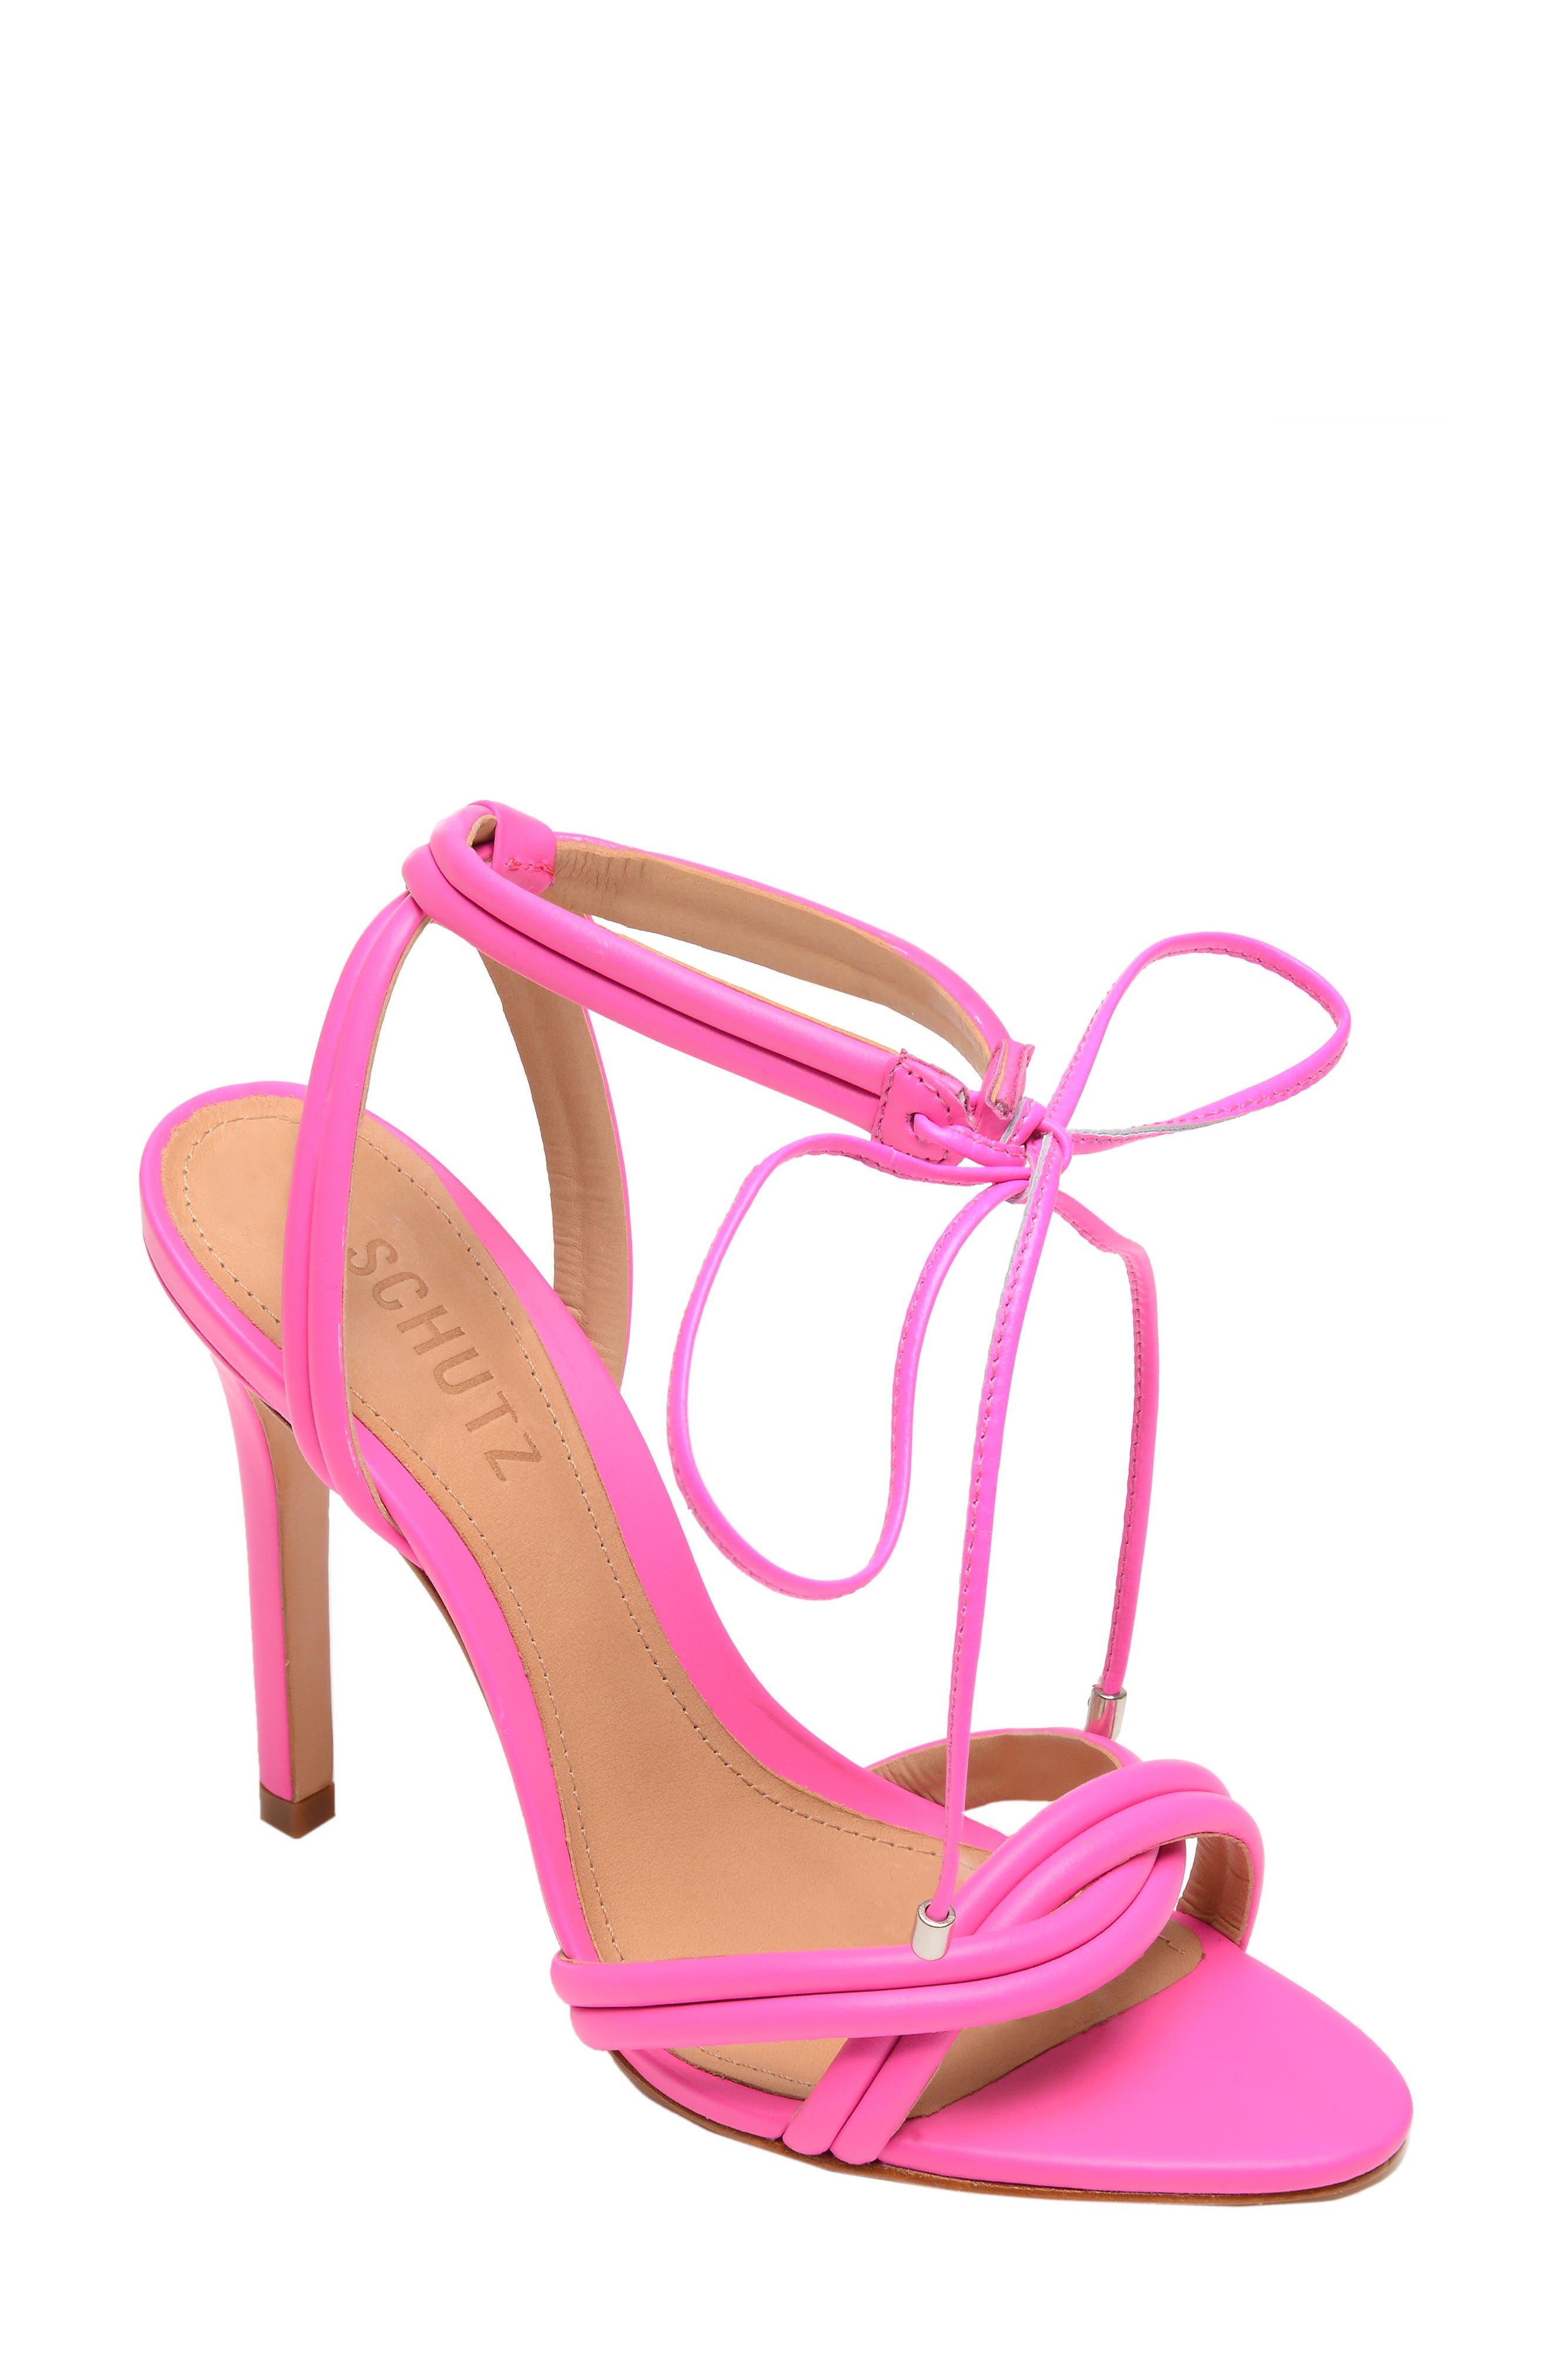 8dcdddbbec9b5 Schutz yvi strappy sandal women jpg 480x730 Schutz pink